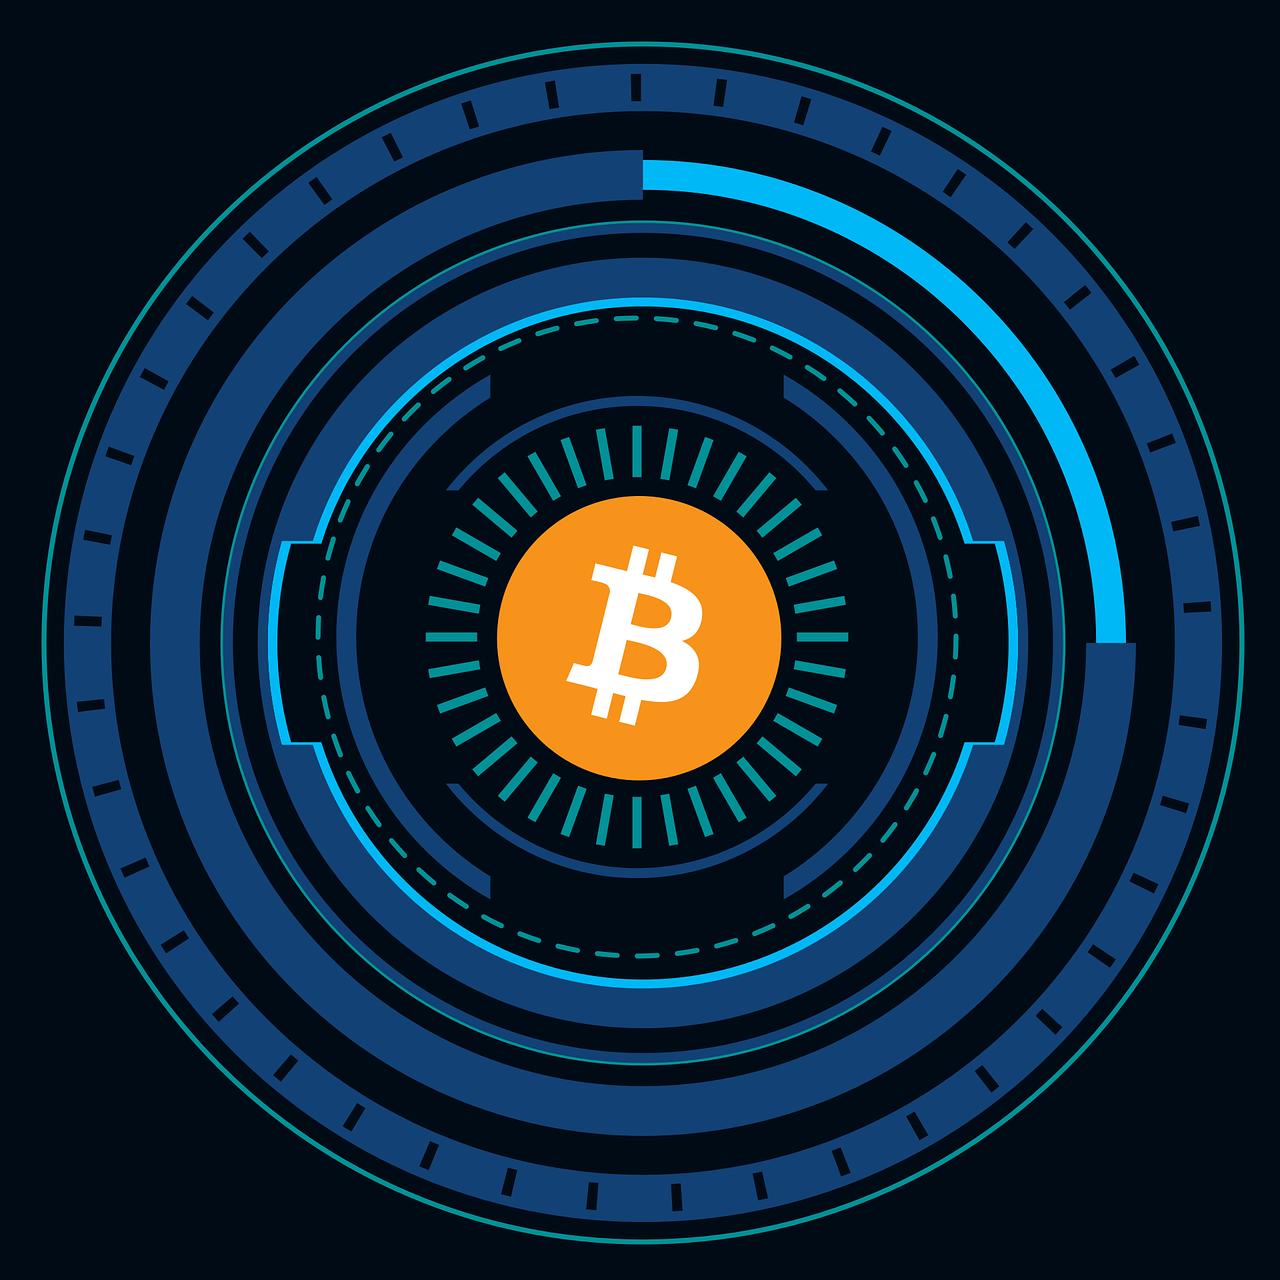 Wem Gehört Bitcoin